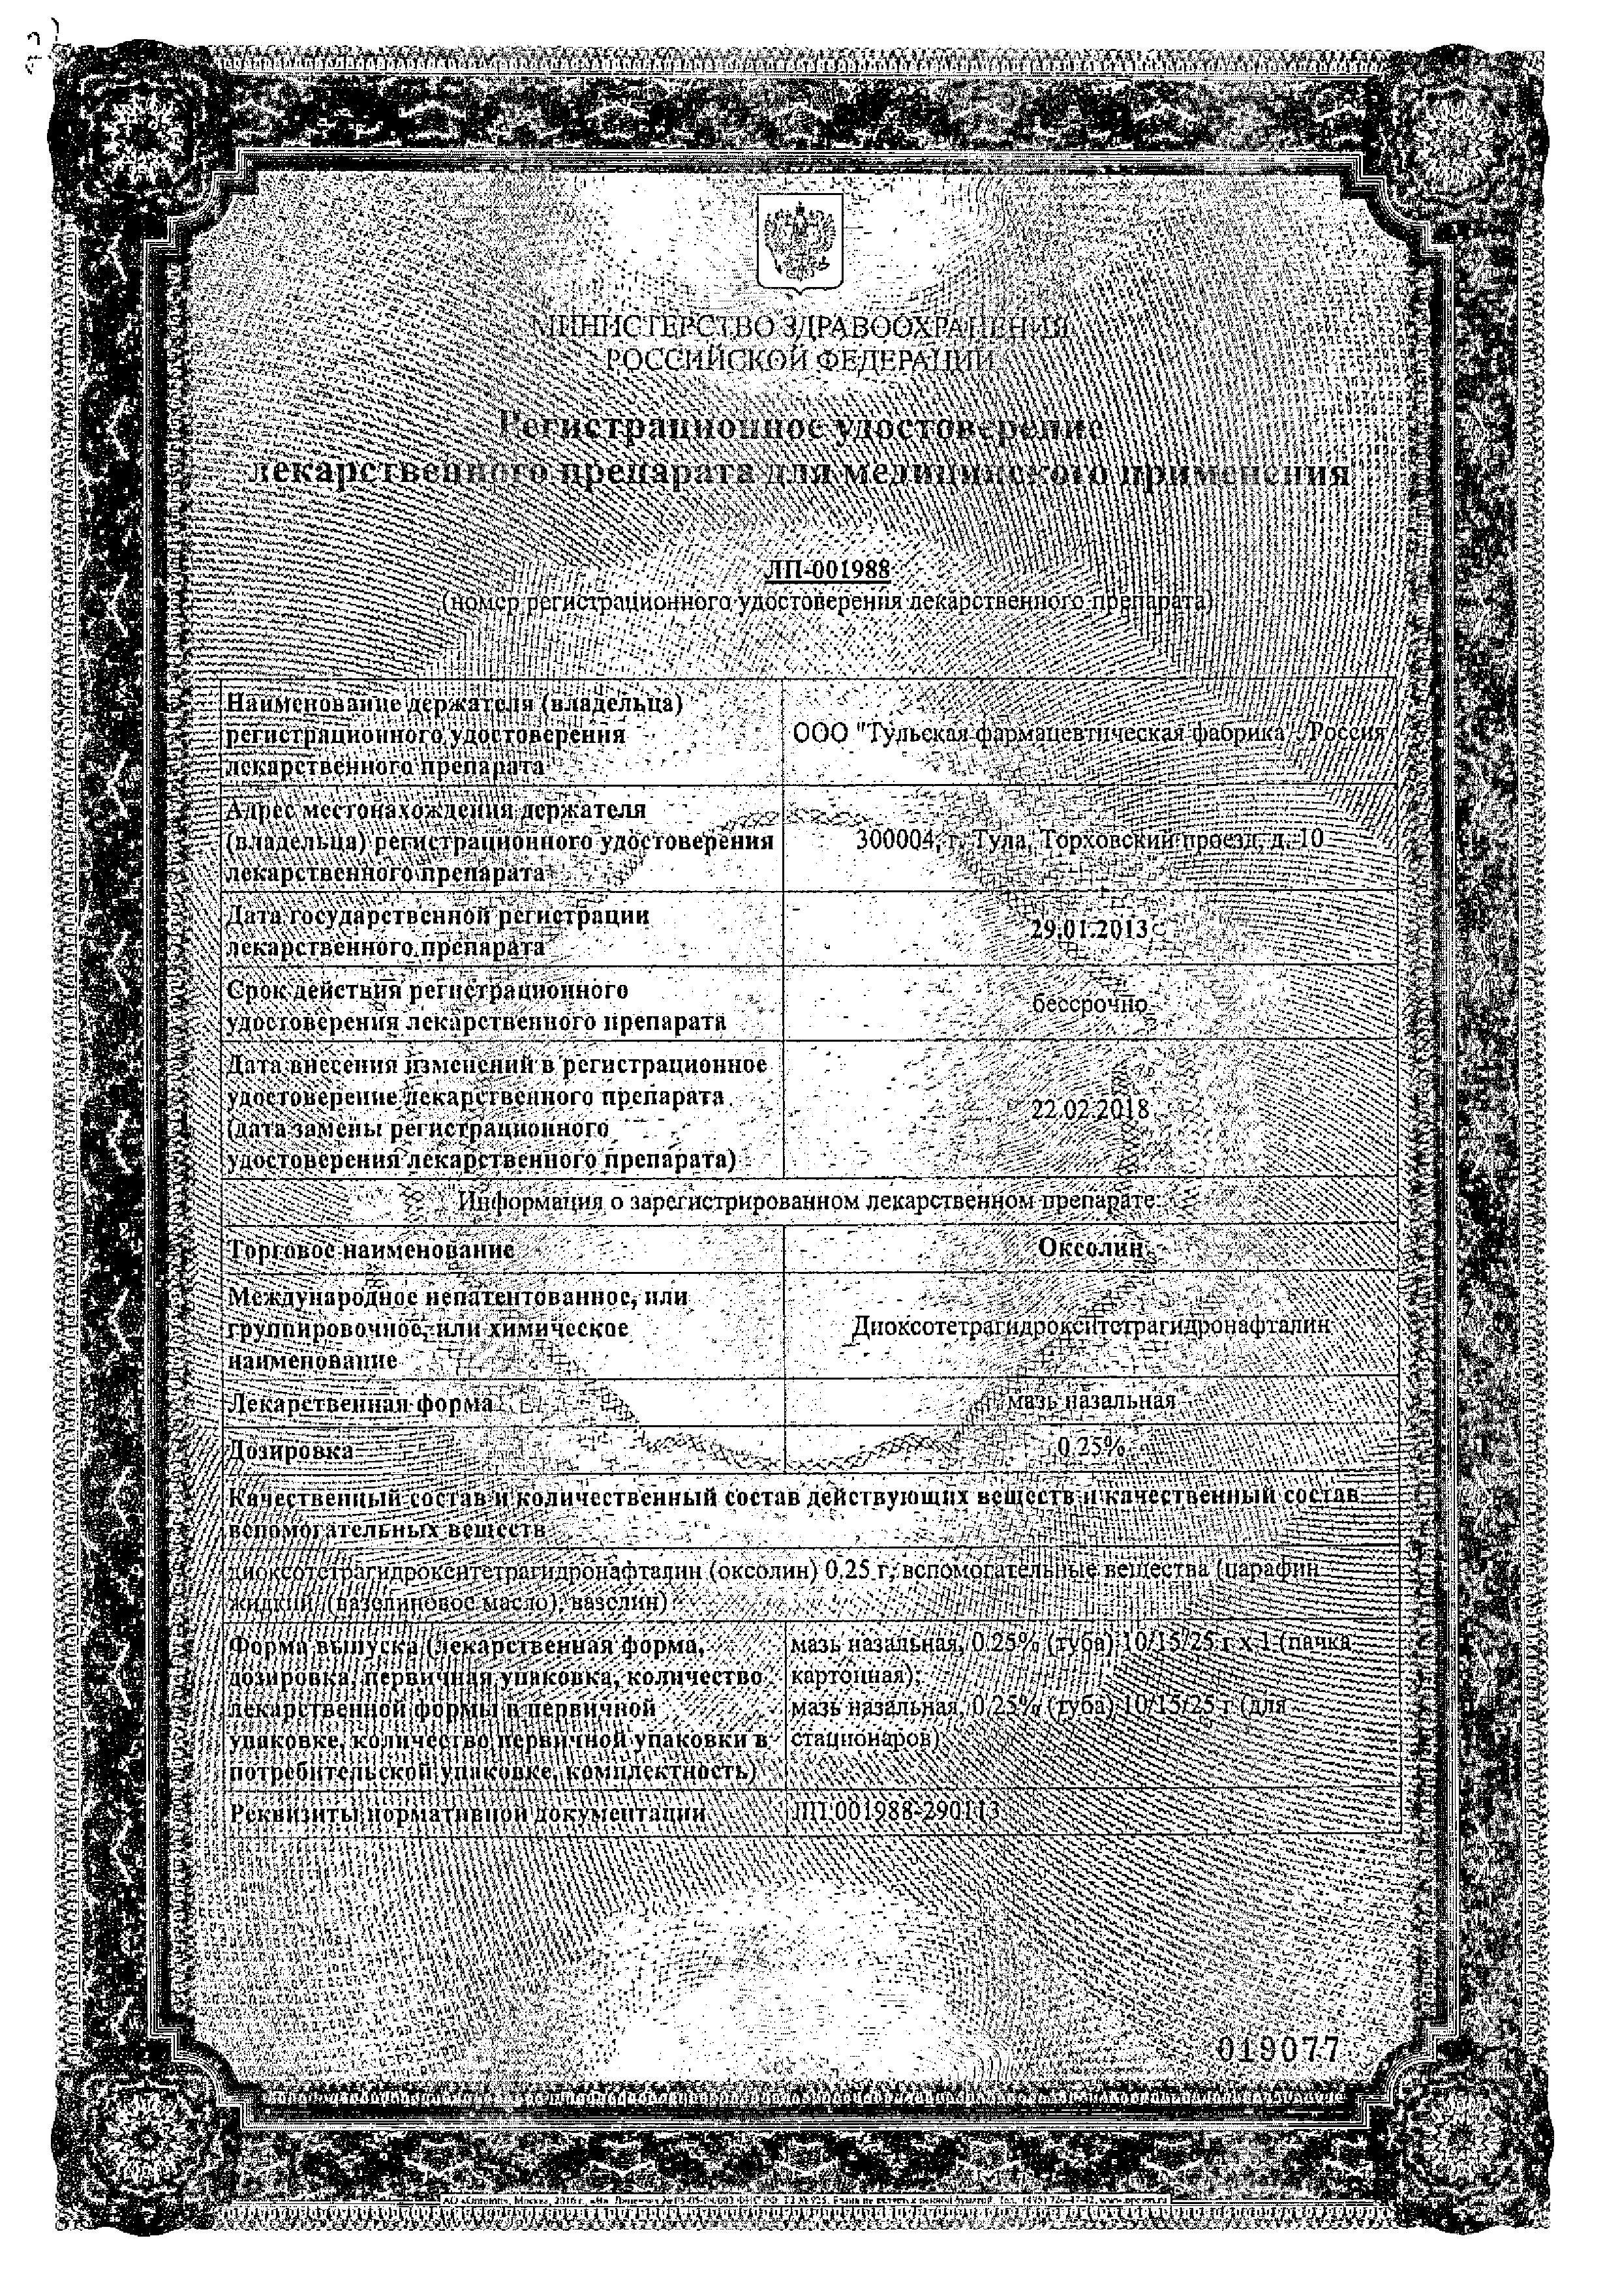 Оксолин сертификат